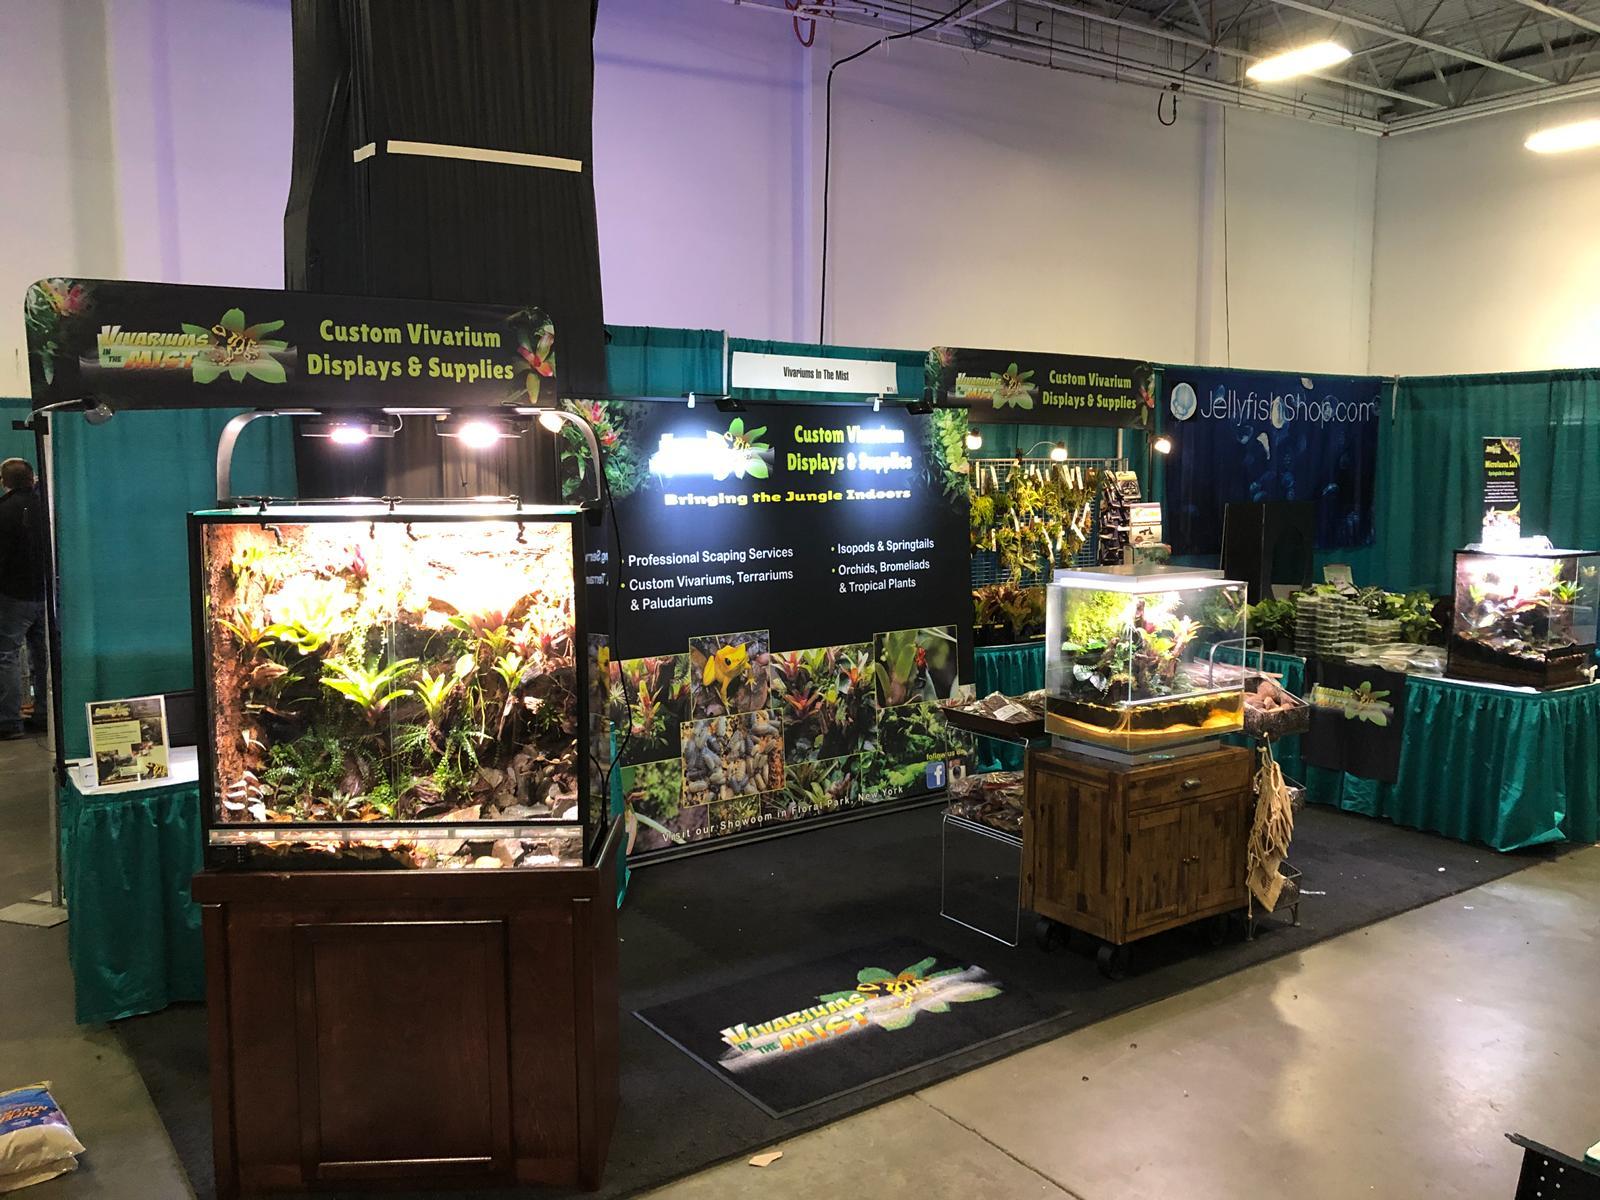 Custom Vivarium and Terrarium Displays and Supplies